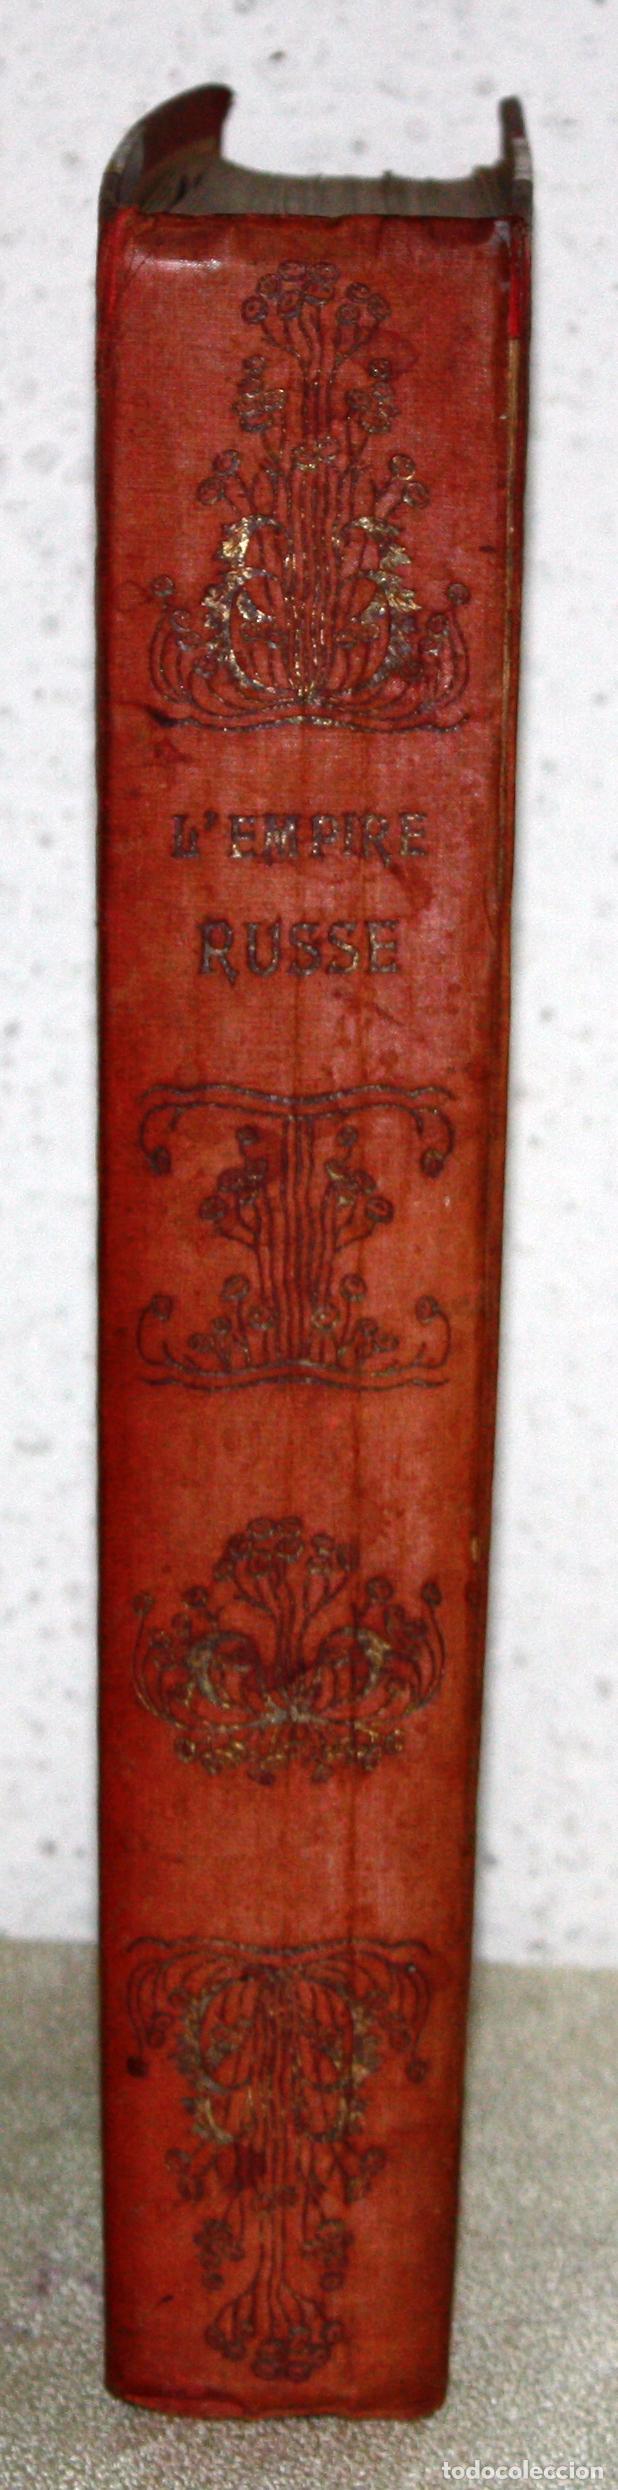 Libros antiguos: L'EMPIRE RUSSE HISTOIRE & DESCRIPTION. EDOUARD DUPRAT. EDIT. LIBRAIRIE DU XX SIECLE. - Foto 3 - 99632467